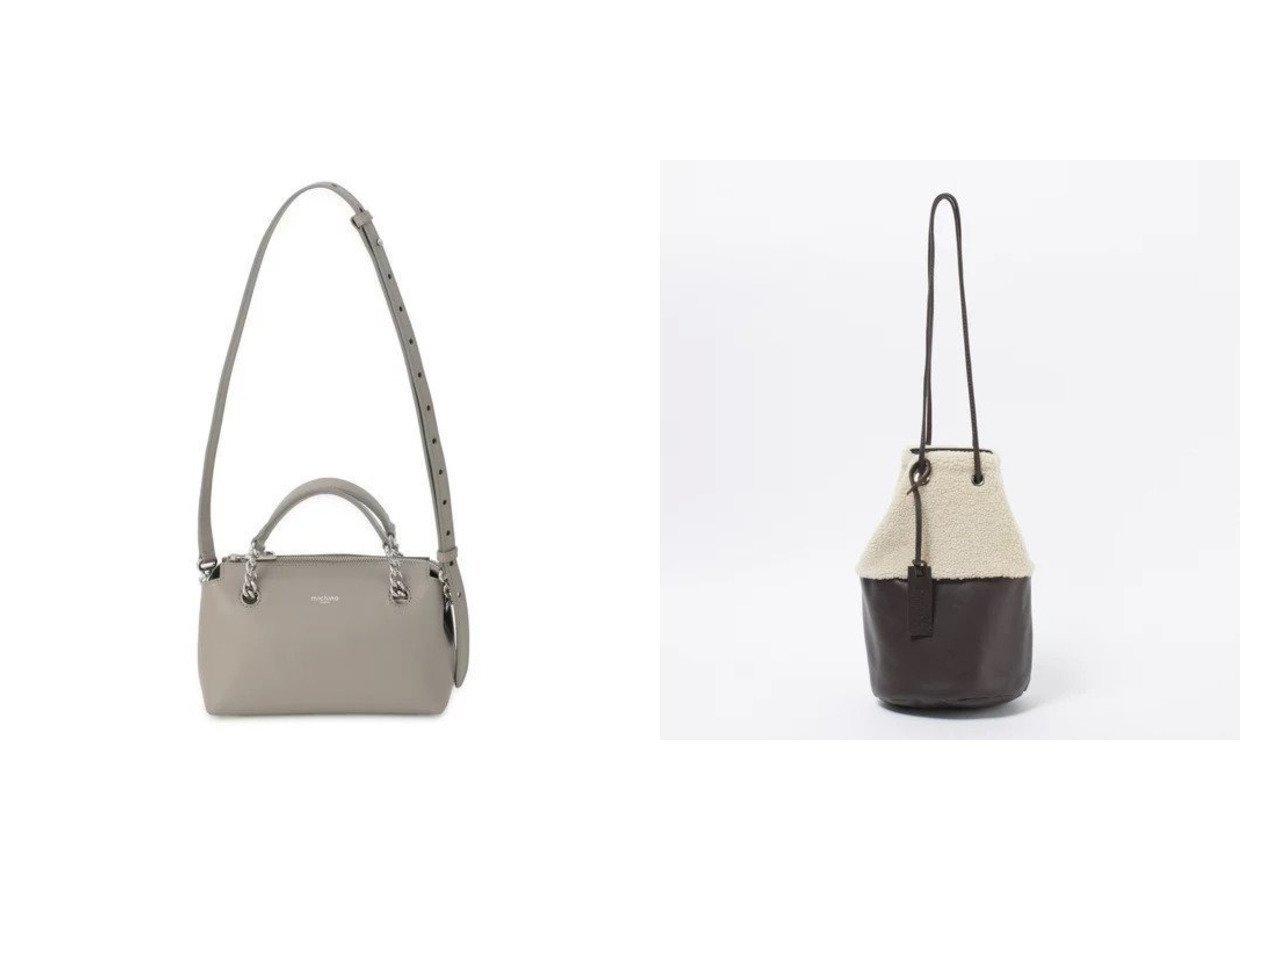 【Michino Paris/ミチノパリ】のVICTOIRE MINI BAG&【MARCO MASI/マルコマージ】のエコムートン巾着ショルダーバッグ(Small) 【バッグ・鞄】おすすめ!人気、トレンド・レディースファッションの通販 おすすめで人気の流行・トレンド、ファッションの通販商品 インテリア・家具・メンズファッション・キッズファッション・レディースファッション・服の通販 founy(ファニー) https://founy.com/ ファッション Fashion レディースファッション WOMEN バッグ Bag A/W・秋冬 AW・Autumn/Winter・FW・Fall-Winter ショルダー フィット ポケット 巾着 シンプル ハンドバッグ ボストン メタル ラップ  ID:crp329100000066477